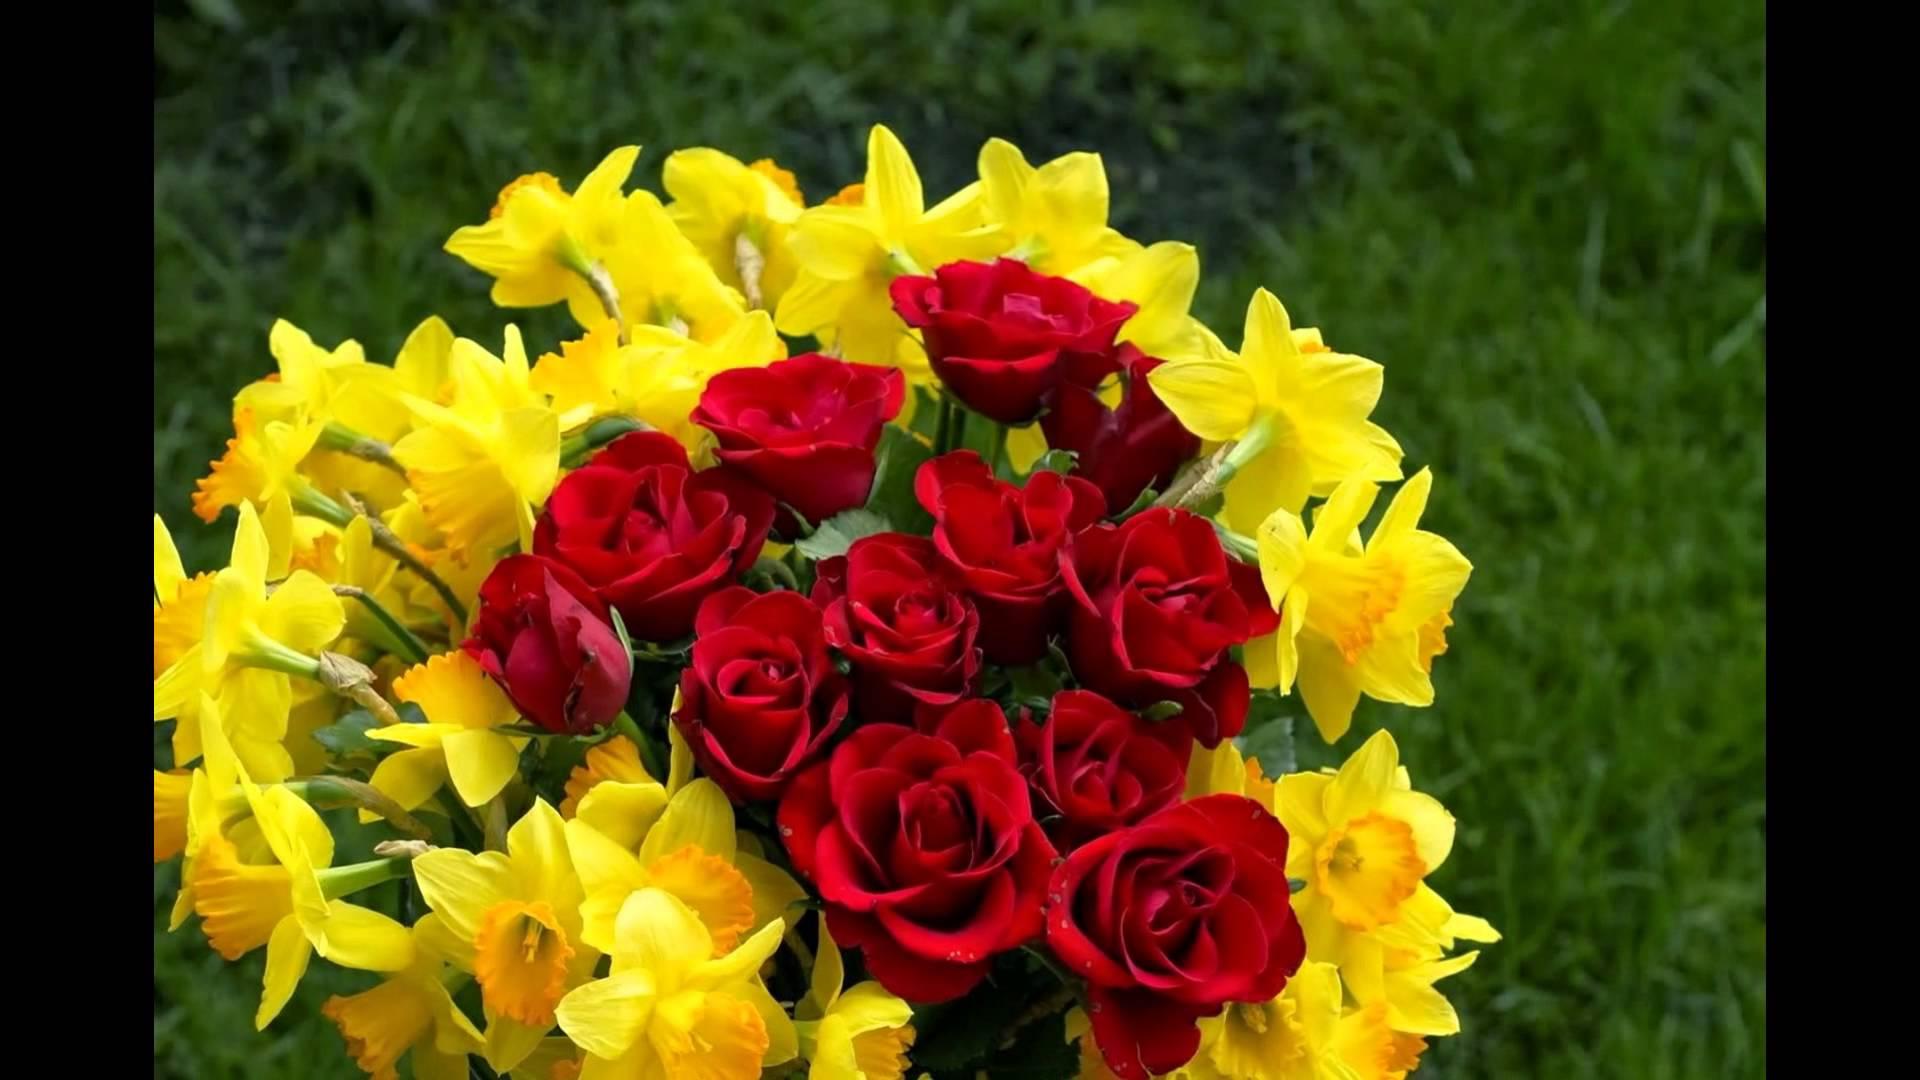 صور بوكيه ورد احمر , معنى اللون الاحمر في الورد